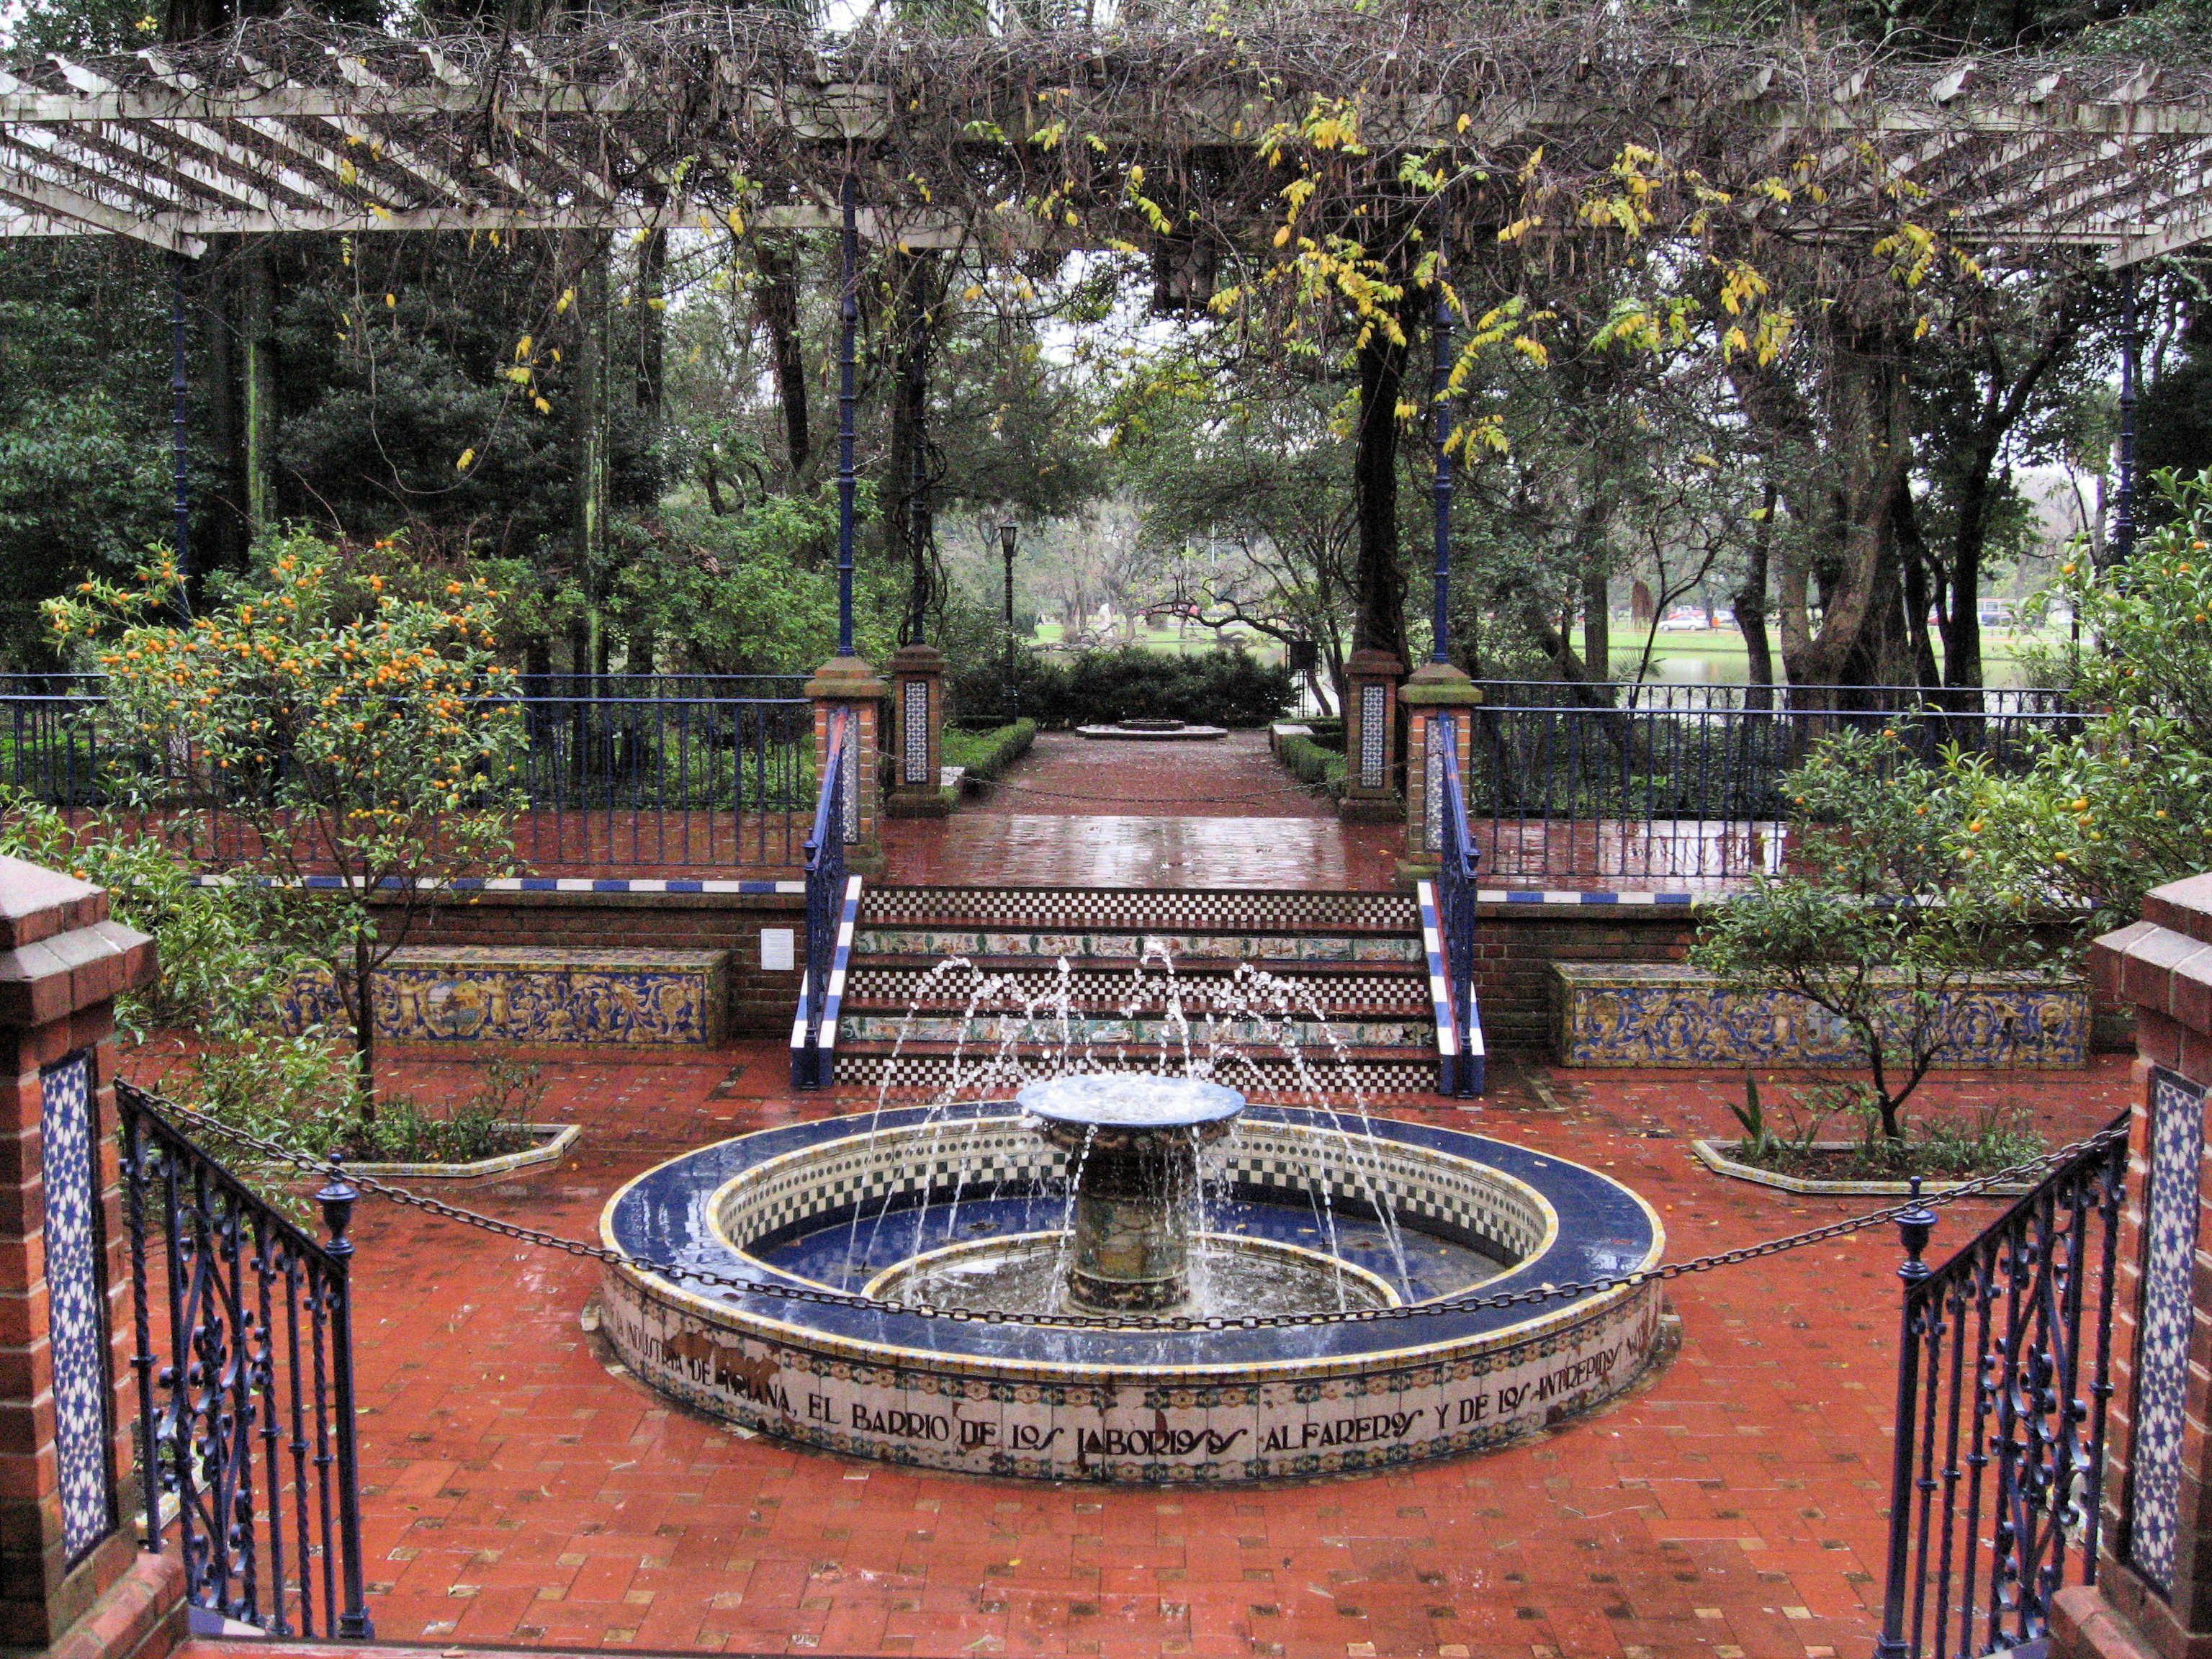 Patio andaluz del rosedal de palermo en buenos aires - Fotos patio andaluz ...